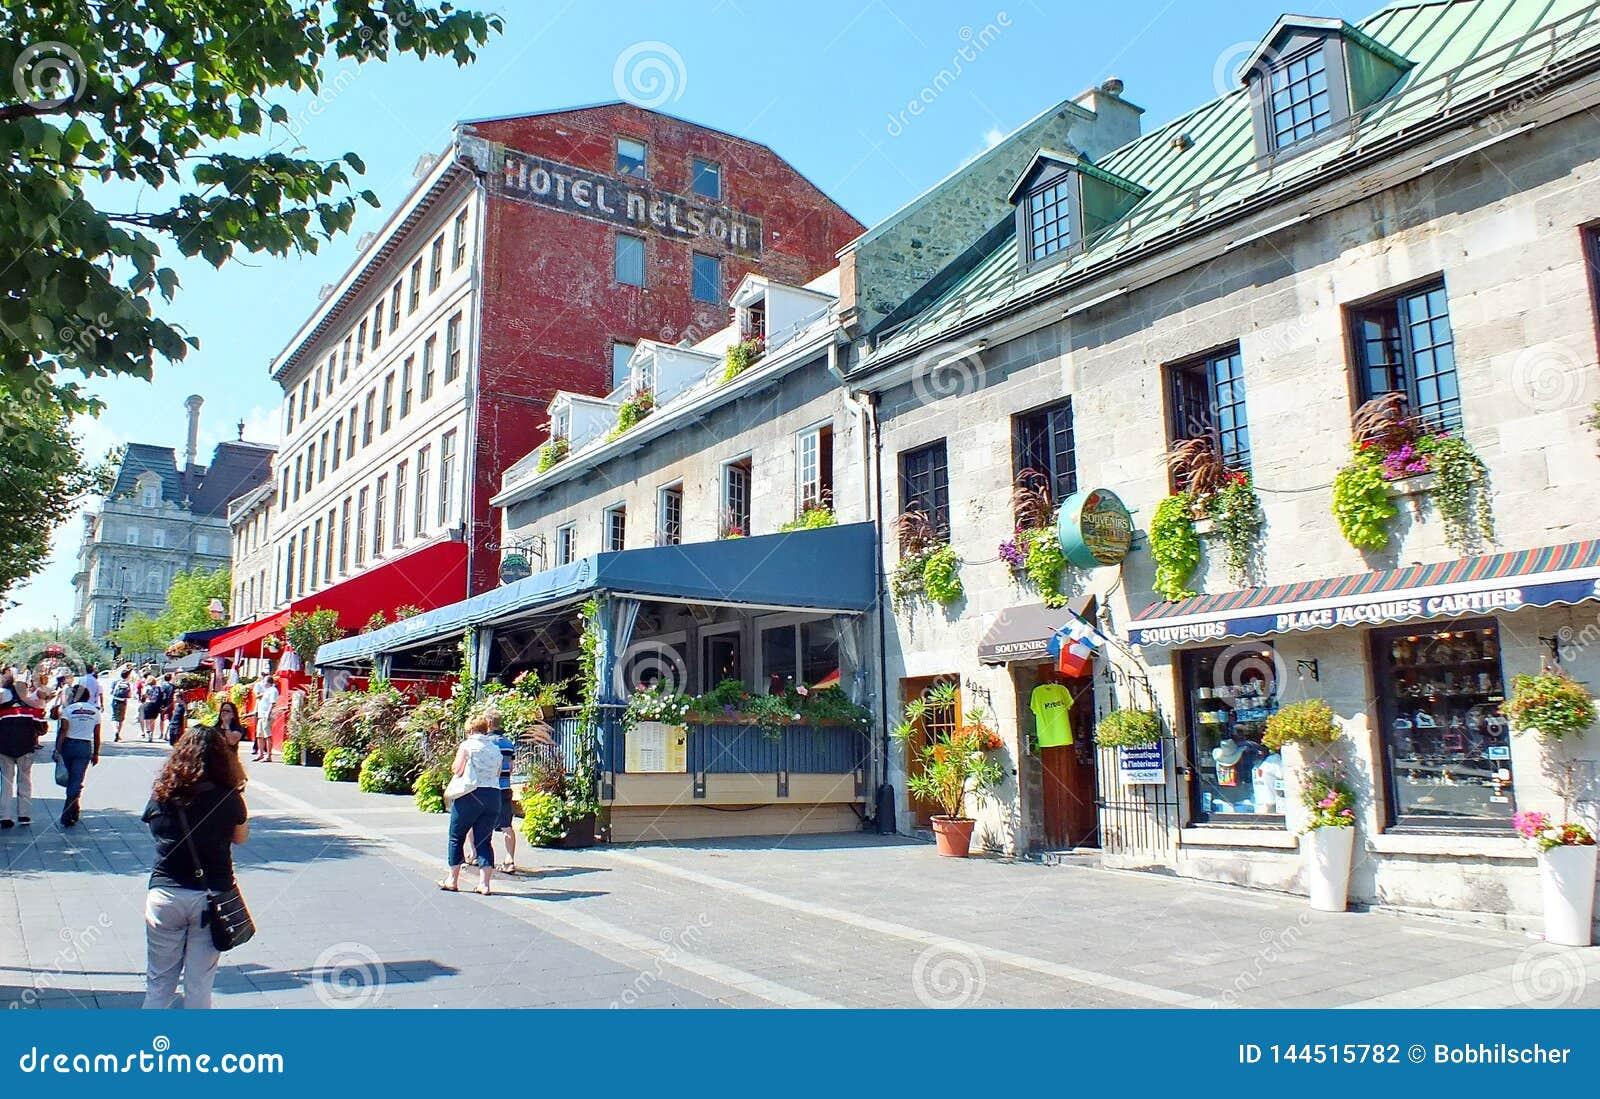 La gente muele sobre las calles en Montreal vieja